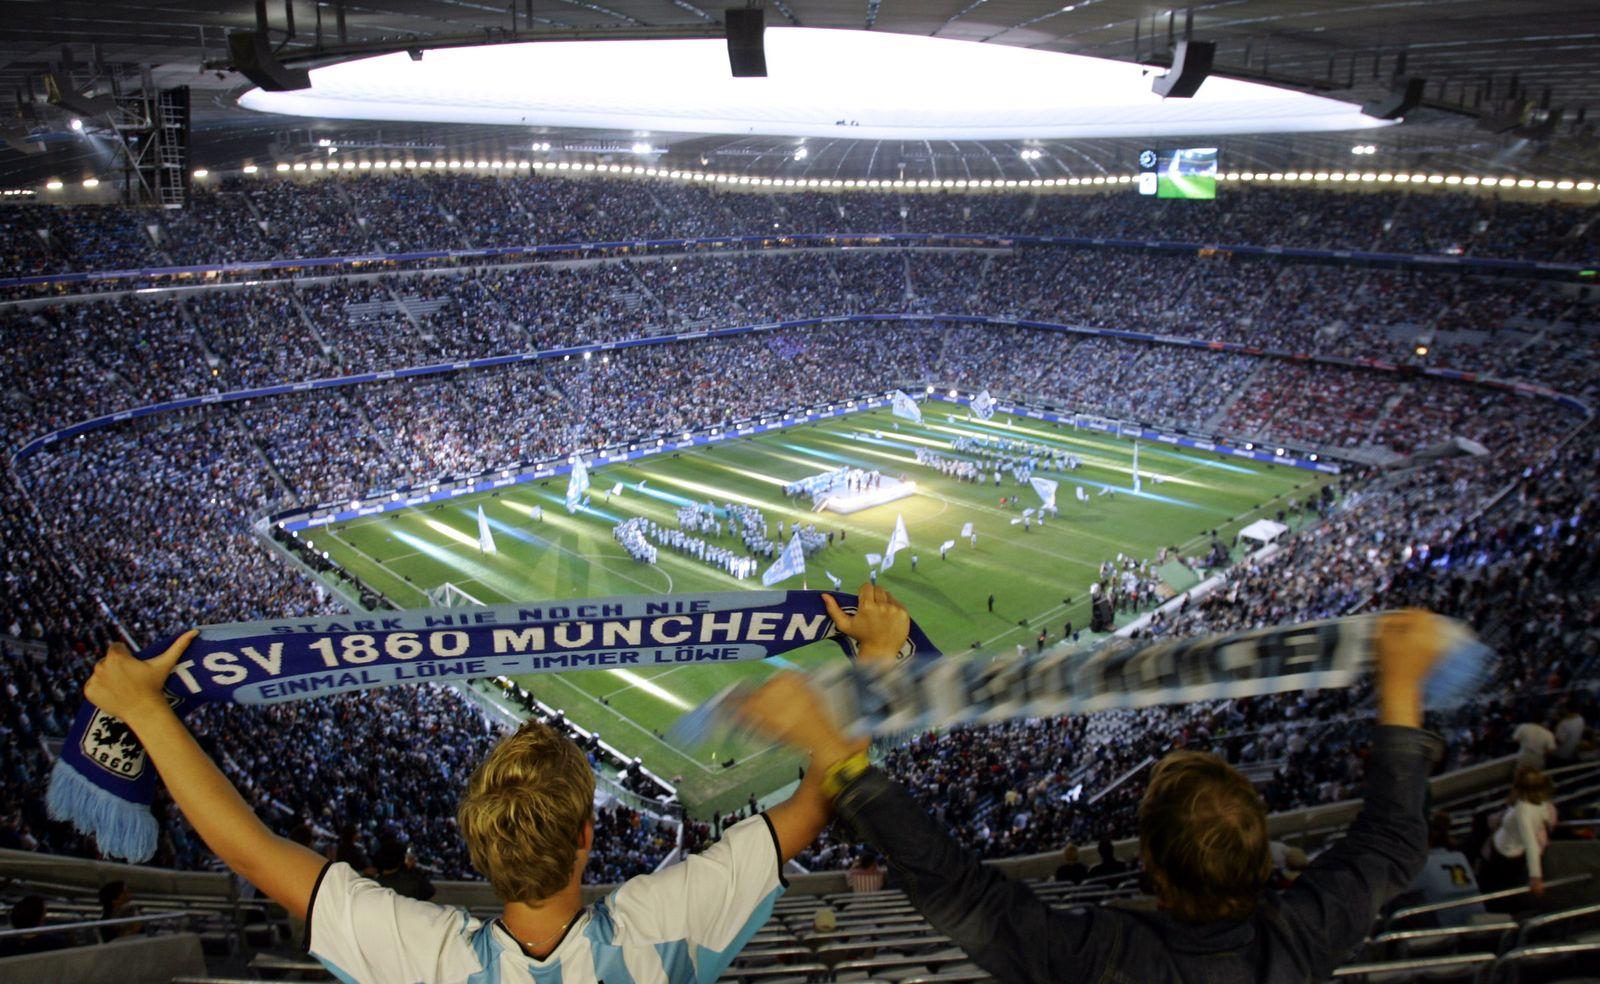 1860 Fans / Eröffnung Allianz Arena